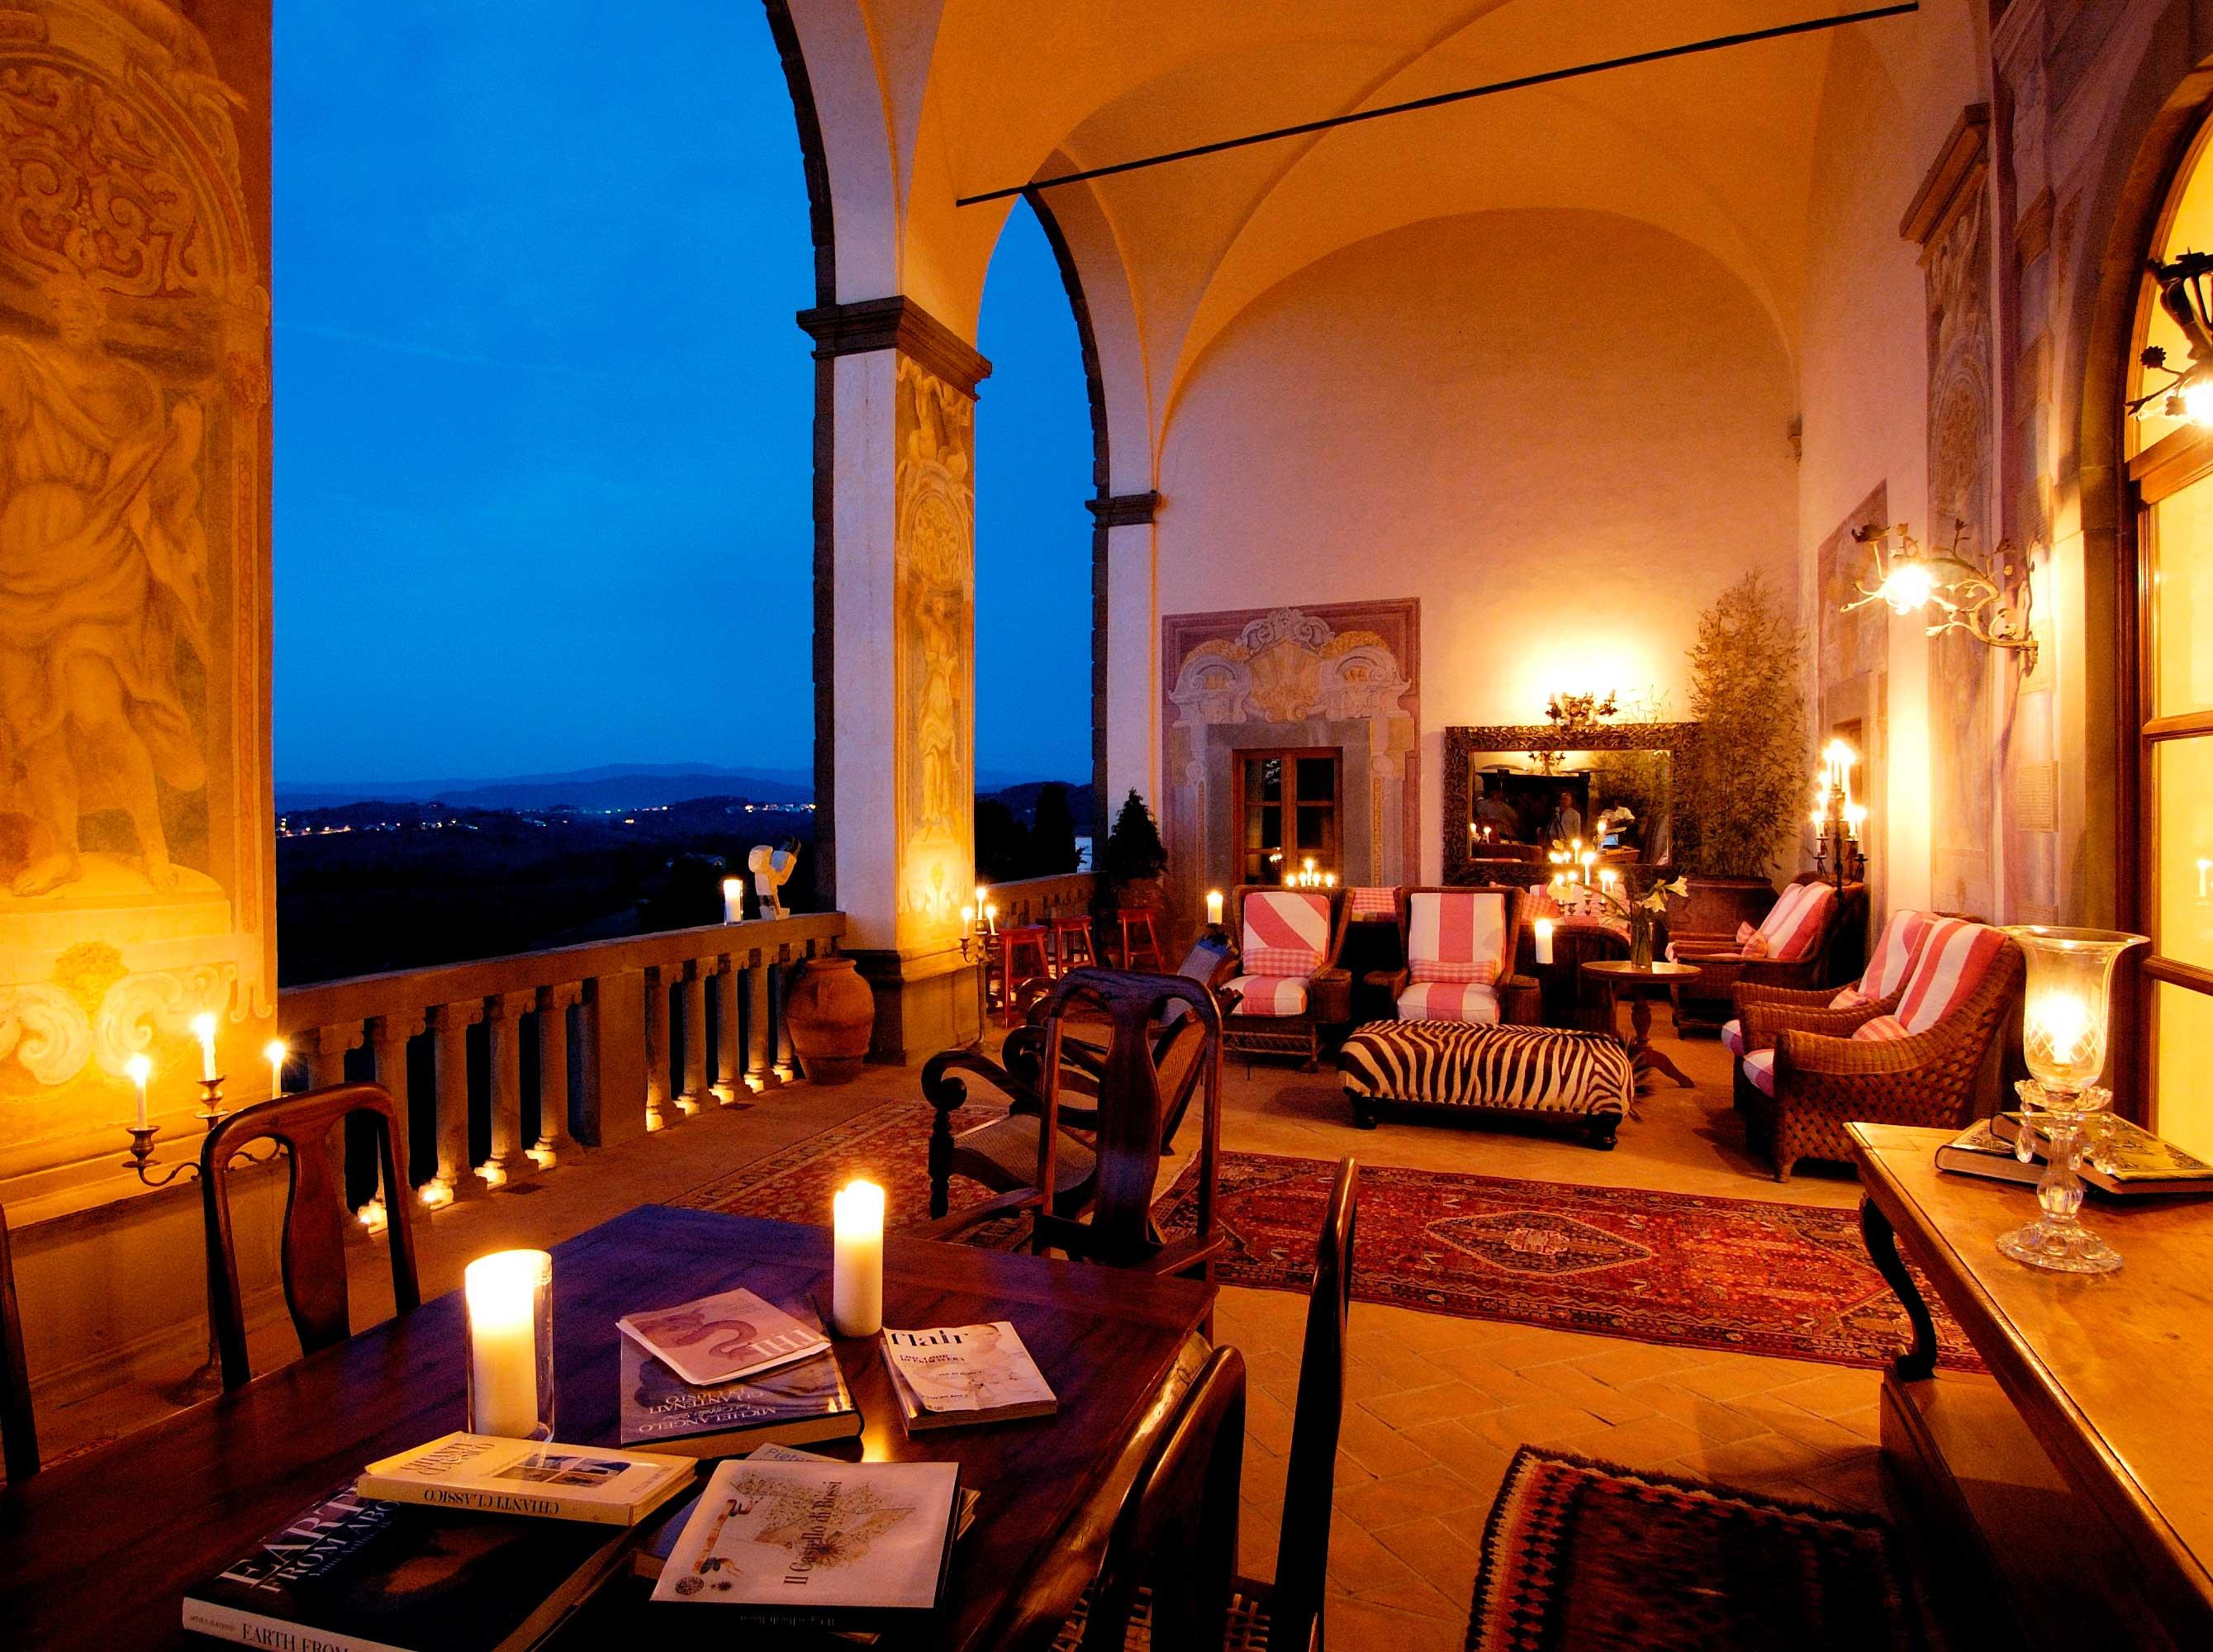 Matrimonio Lusso Toscana : La location consigli per scegliere vostra cornice ideale